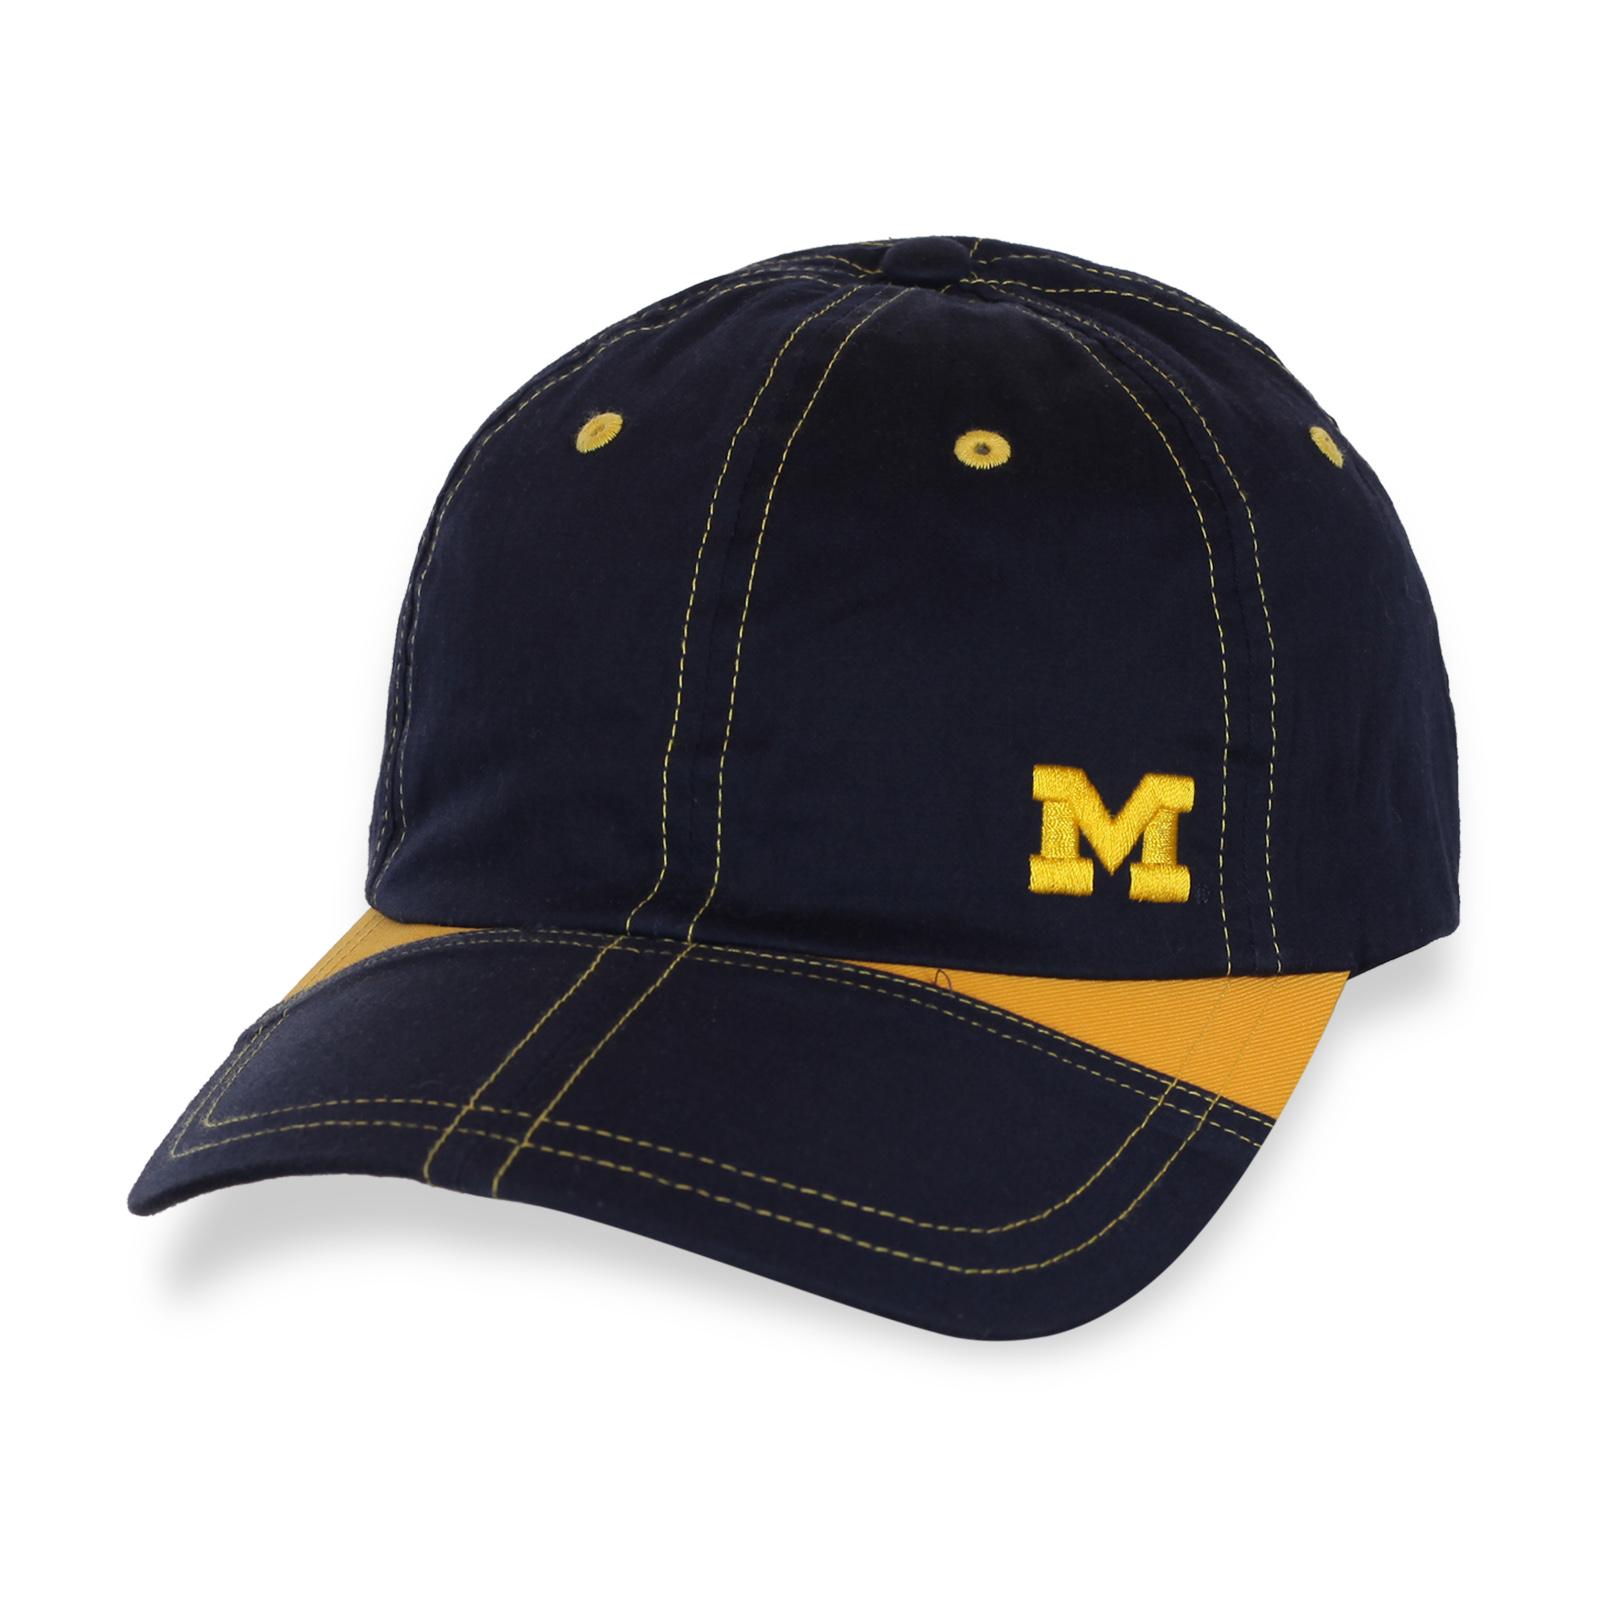 Брендовая уникальная кепка M